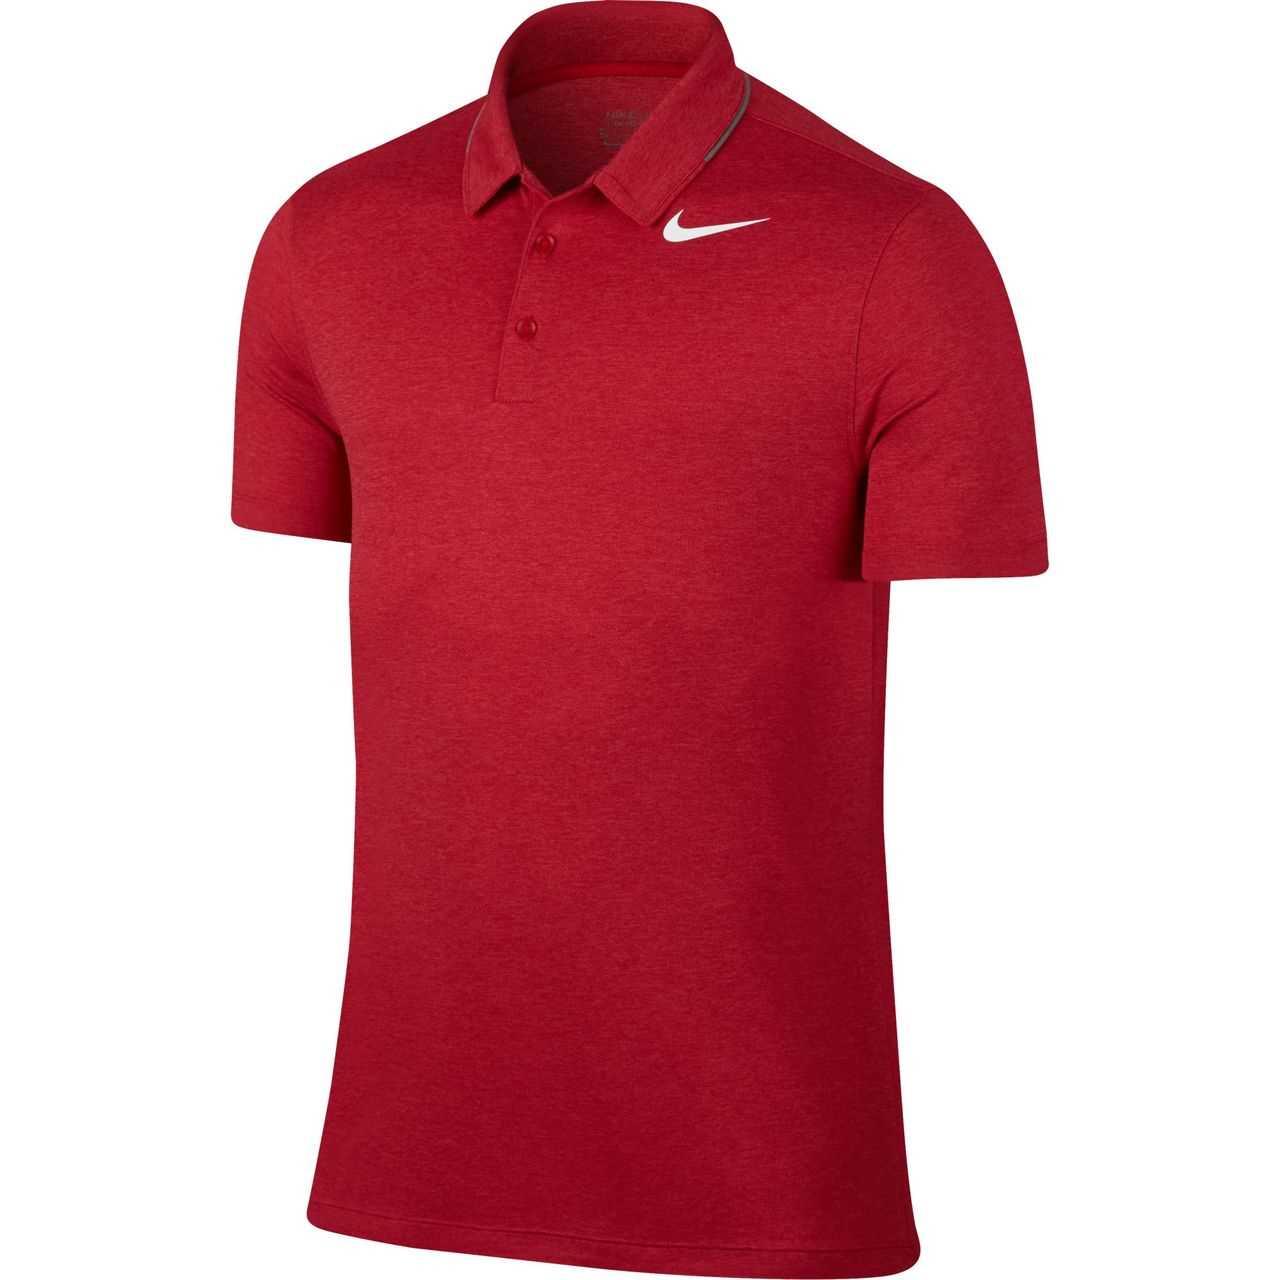 ee37cc70de Nike Breathe Men's Golf Polo - Red